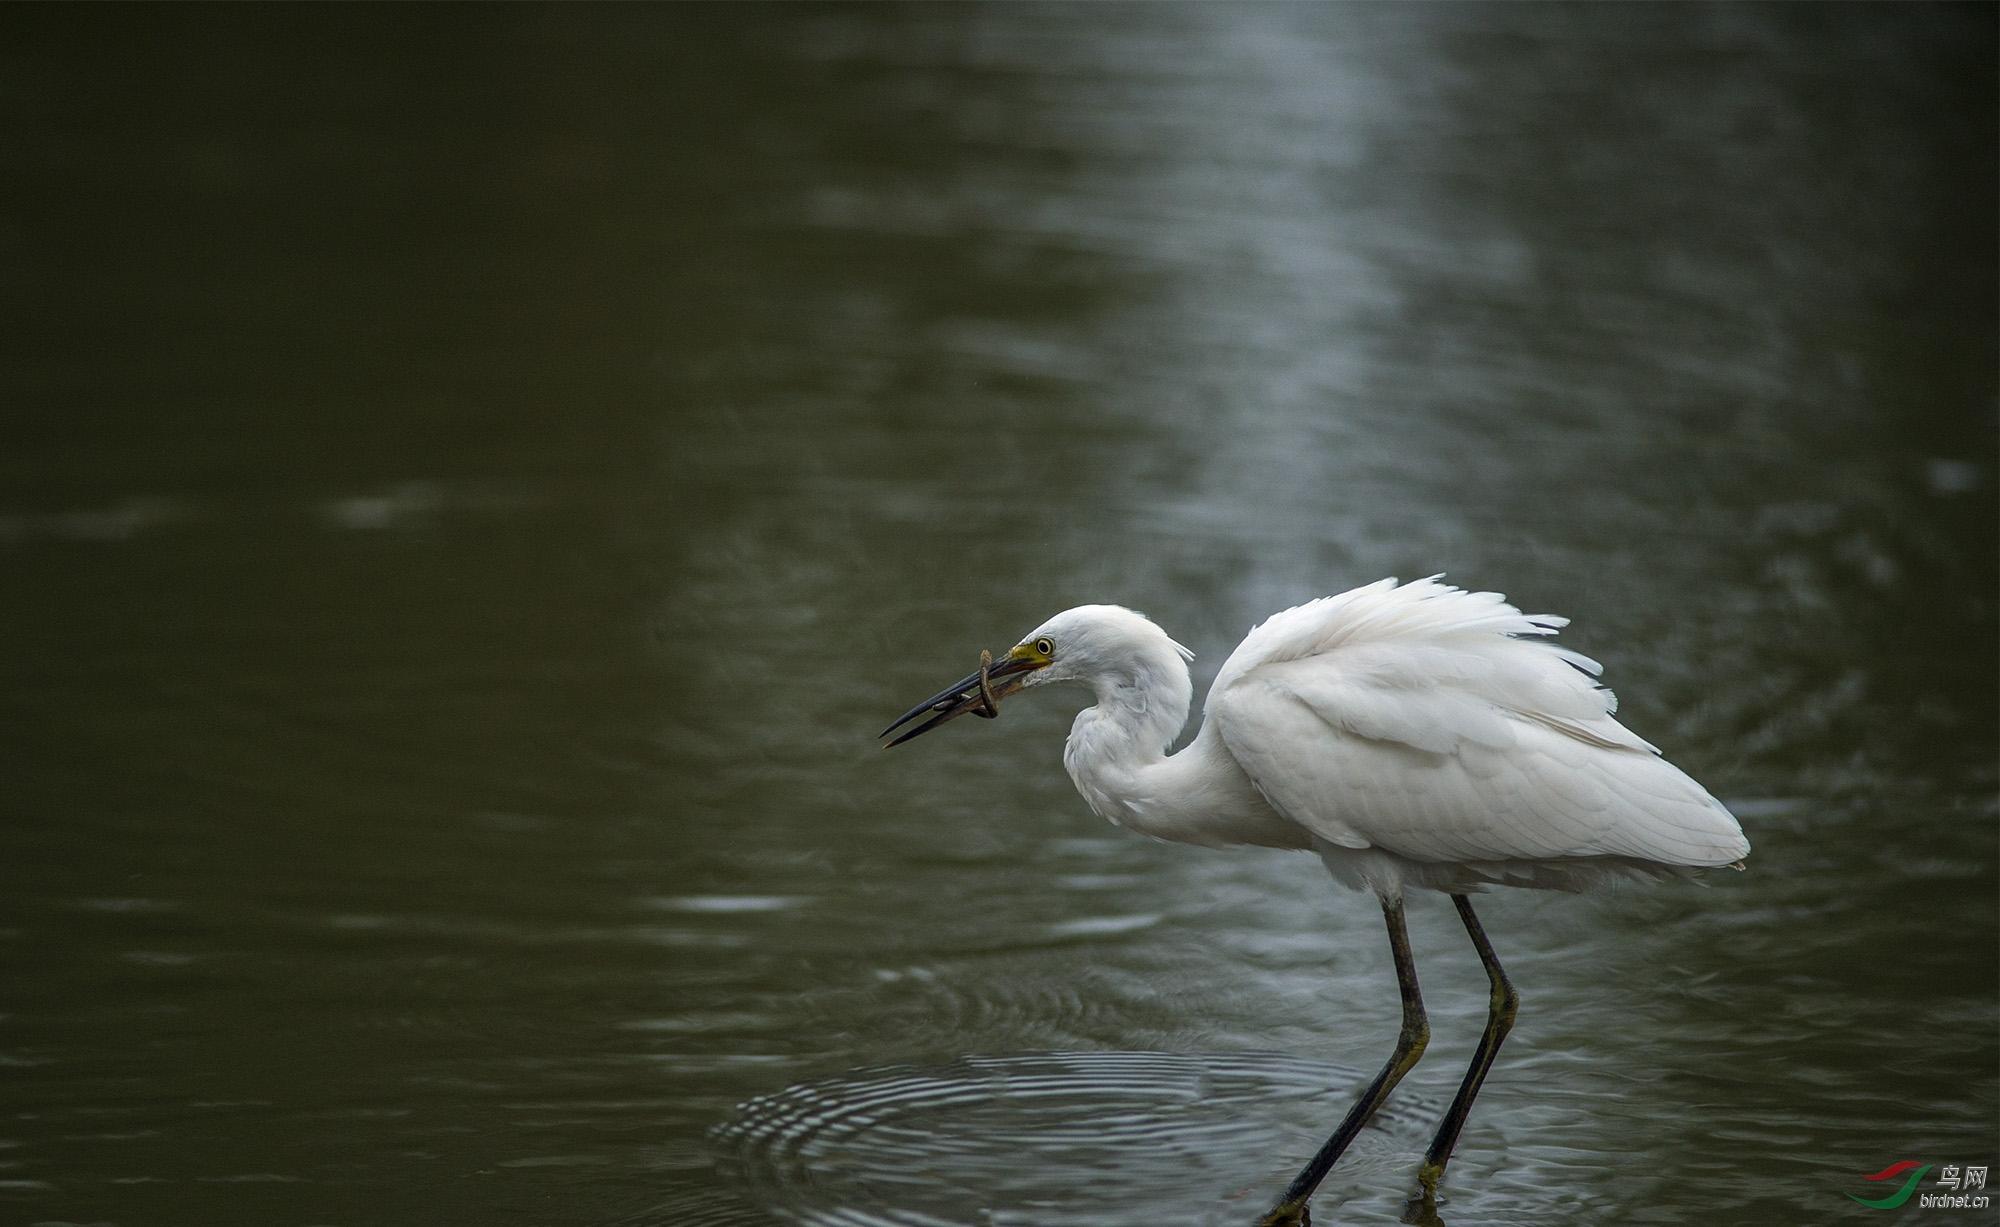 月光下的白鹭 - 观鸟拍鸟之旅 Bird Trip Reports